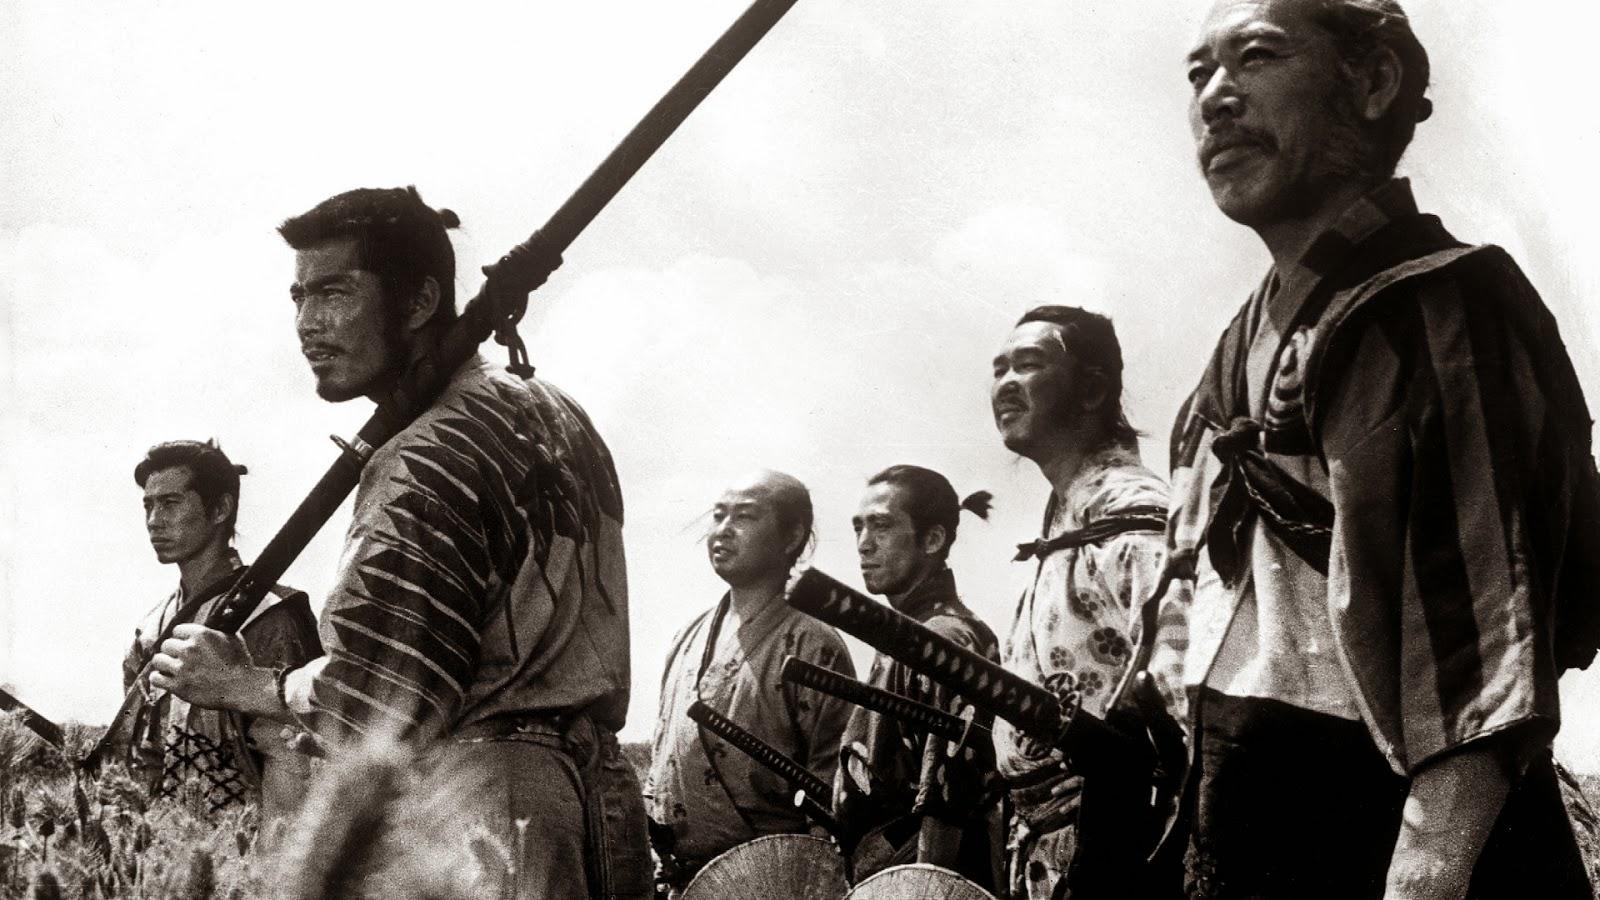 los-siete-samurais-de-akira-kurosawa-